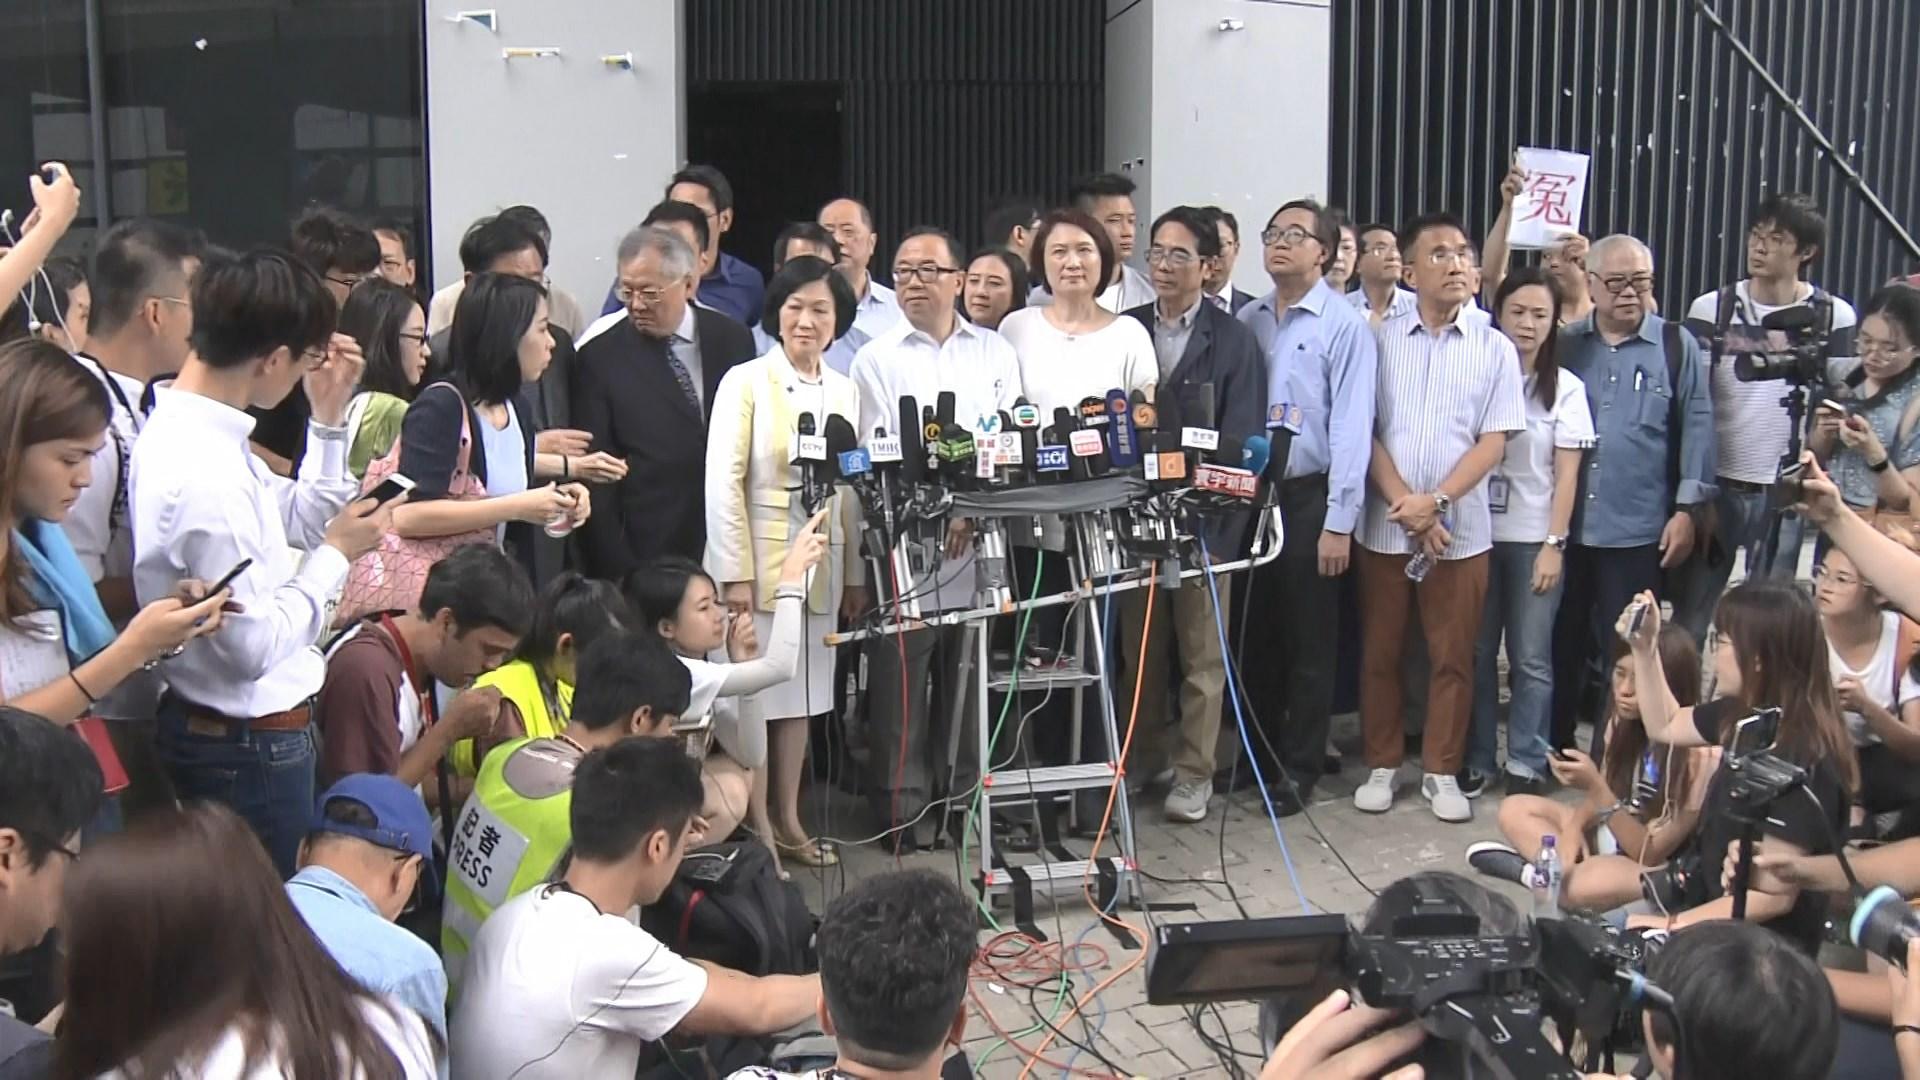 建制批泛民縱容暴力 泛民歸咎林鄭不正視問題